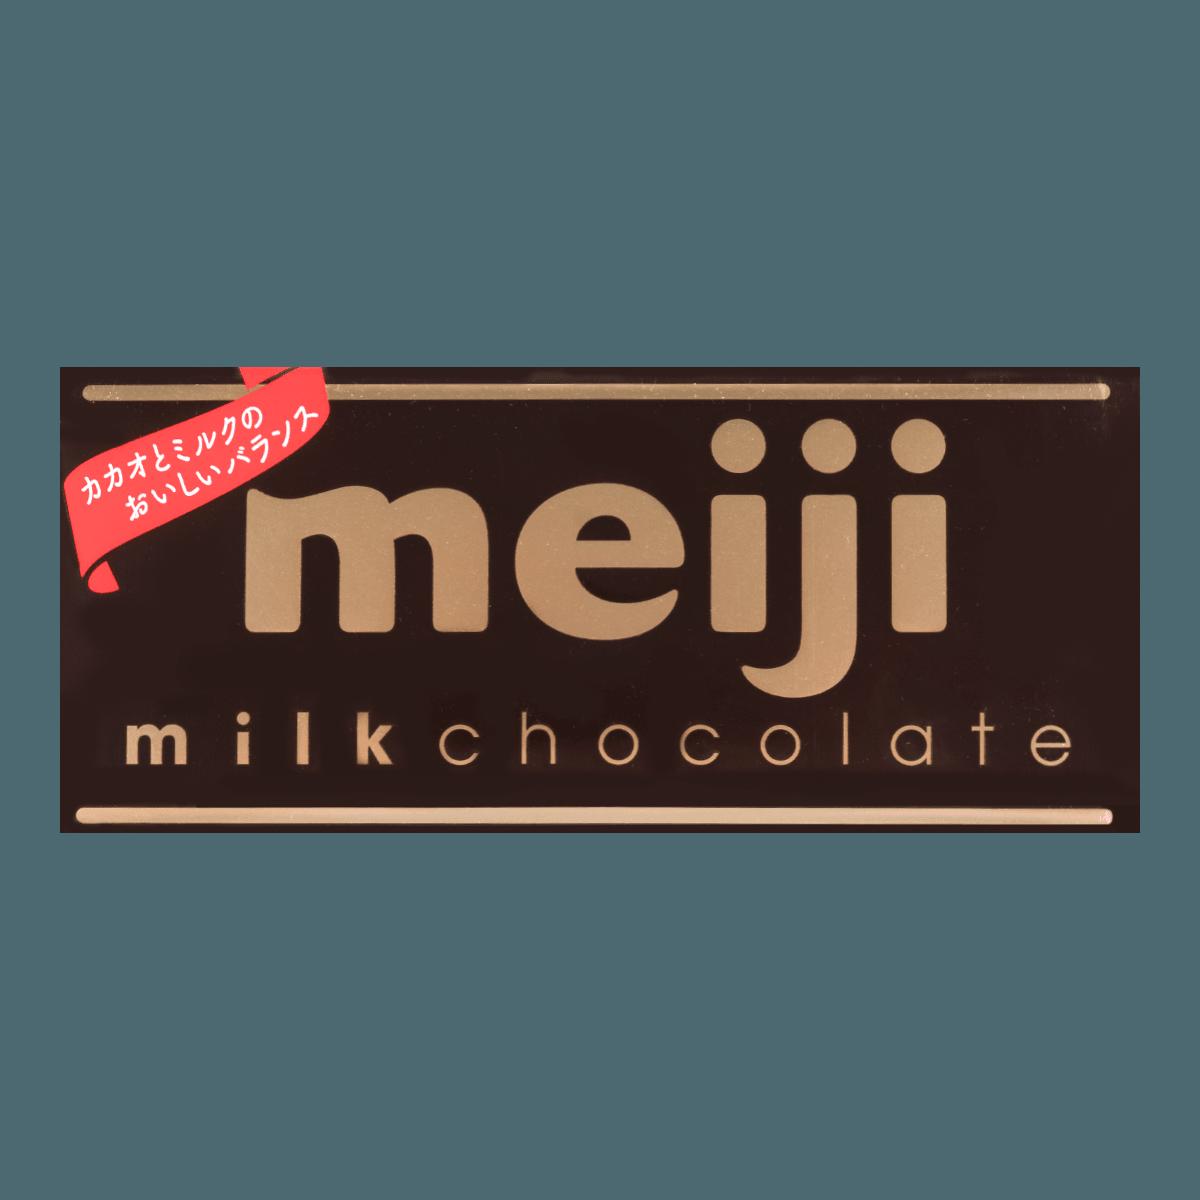 日本MEIJI明治 钢琴牛奶黑巧克力 50g